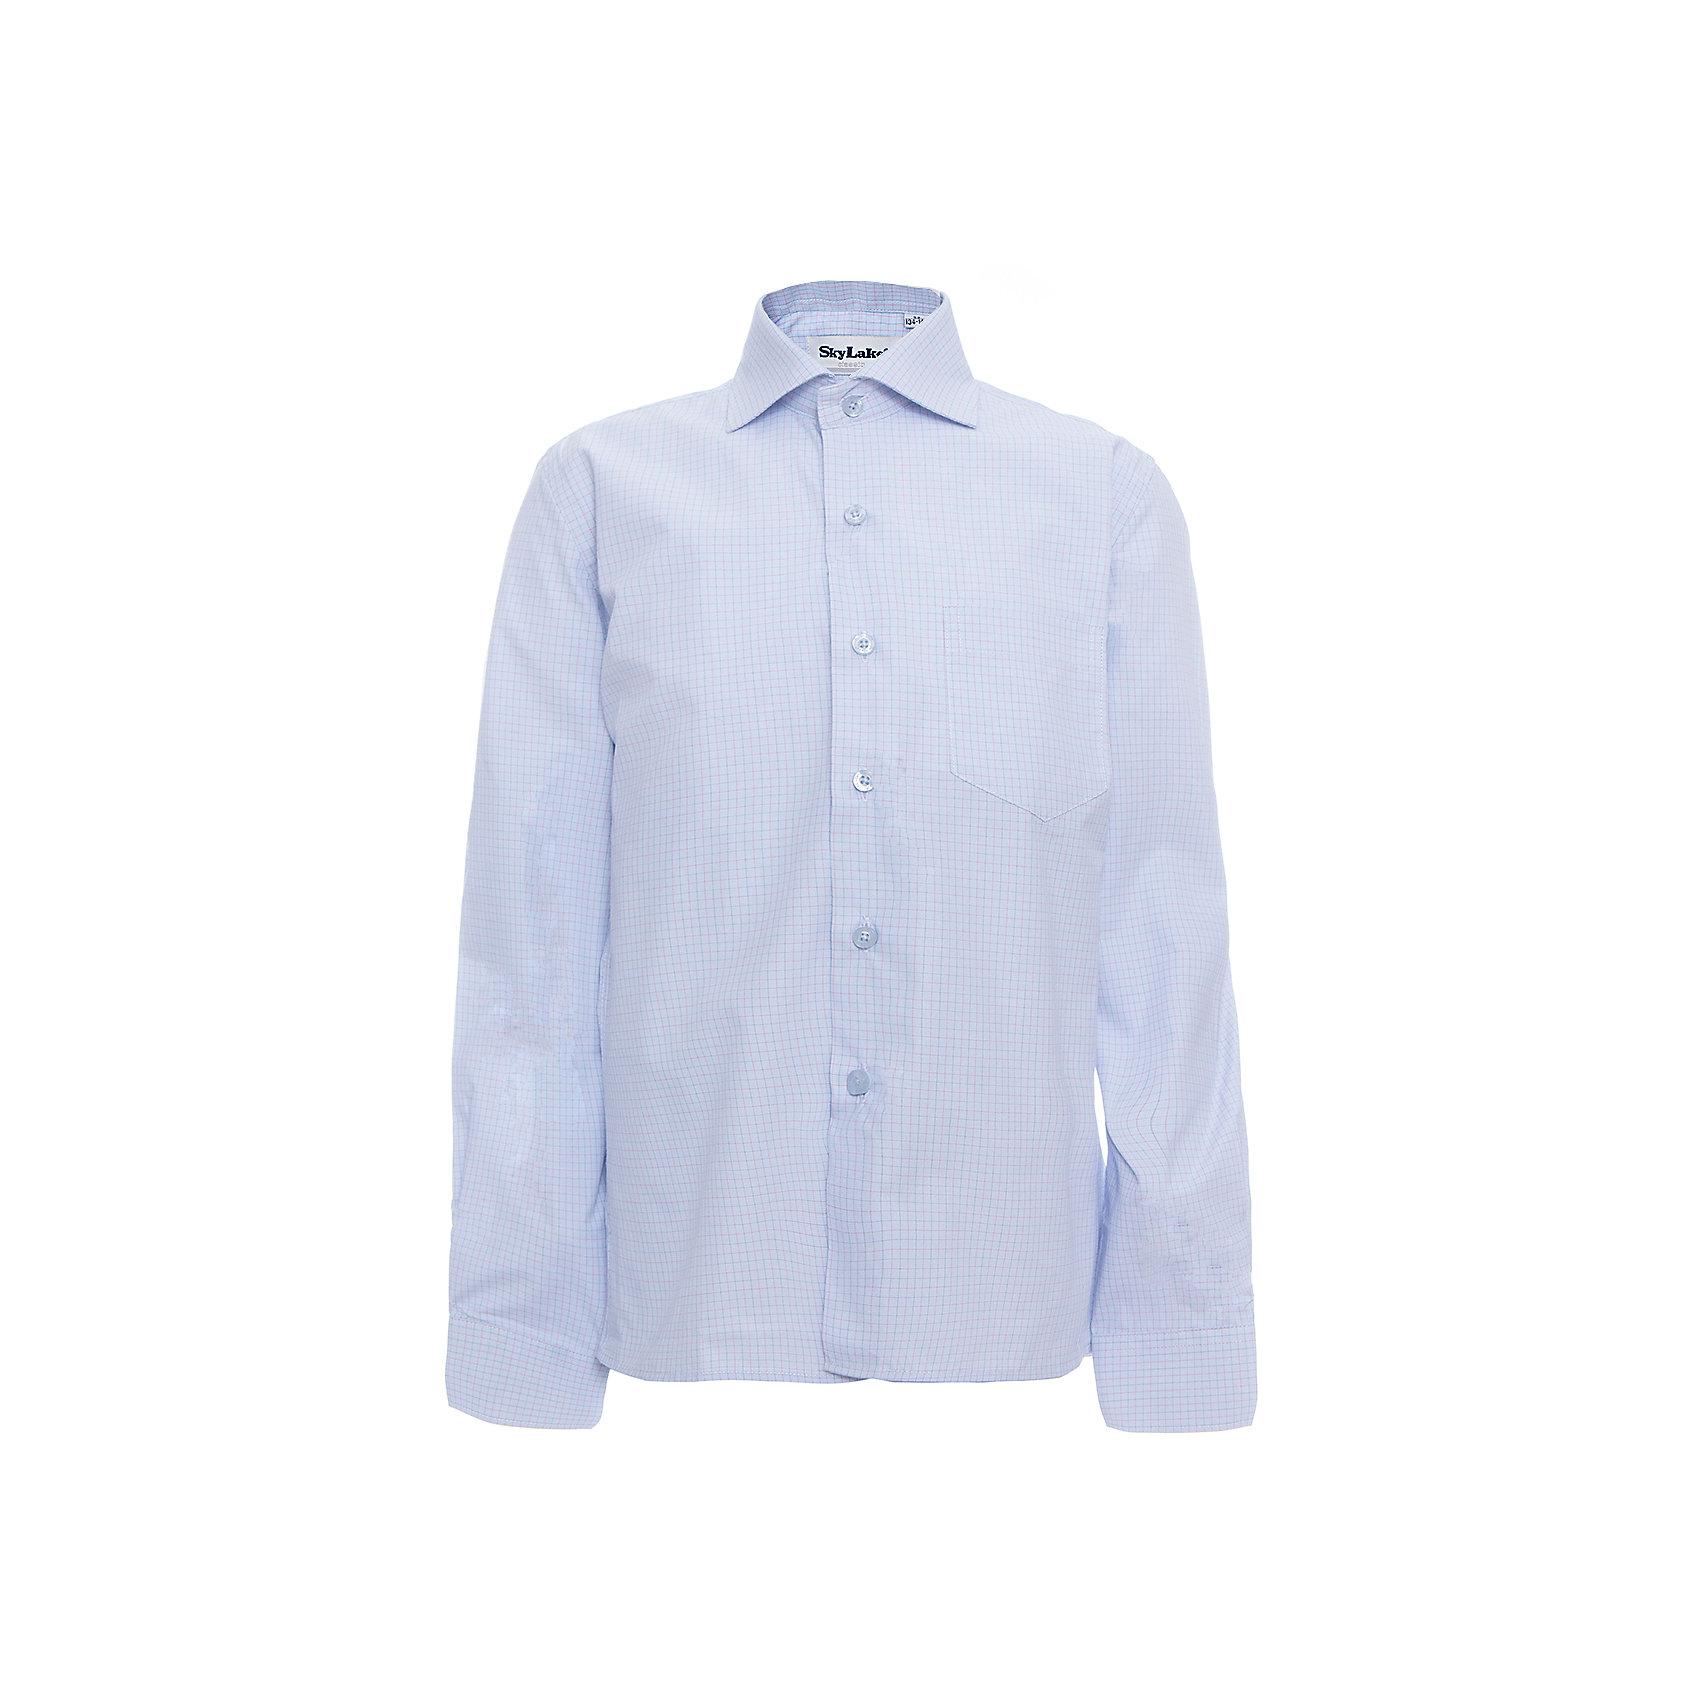 Рубашка CLASSIC SLIM FIT для мальчика SkylakeБлузки и рубашки<br>Сорочка детская для мальчика<br>Состав:<br>80% хлопок, 20% п/э<br><br>Ширина мм: 174<br>Глубина мм: 10<br>Высота мм: 169<br>Вес г: 157<br>Цвет: голубой<br>Возраст от месяцев: 72<br>Возраст до месяцев: 84<br>Пол: Мужской<br>Возраст: Детский<br>Размер: 122,158,152,146,140,134,128<br>SKU: 6772777